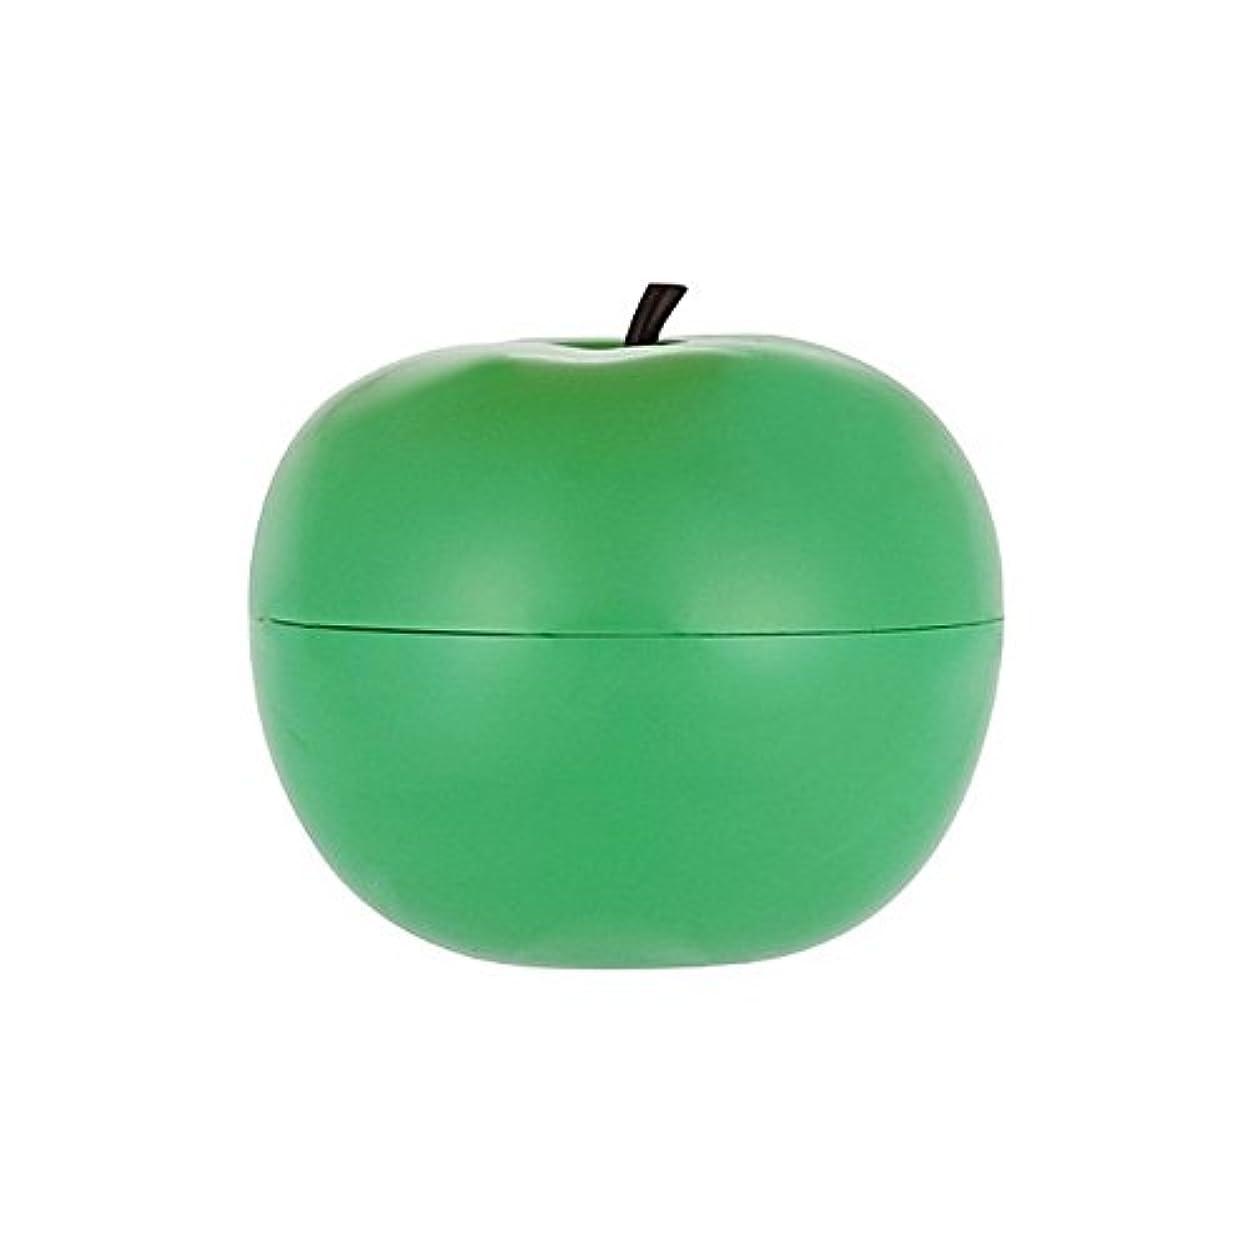 倒産思いつくマウントバンクトニーモリースムーズマッサージピーリングクリーム80グラム x4 - Tony Moly Appletox Smooth Massage Peeling Cream 80G (Pack of 4) [並行輸入品]